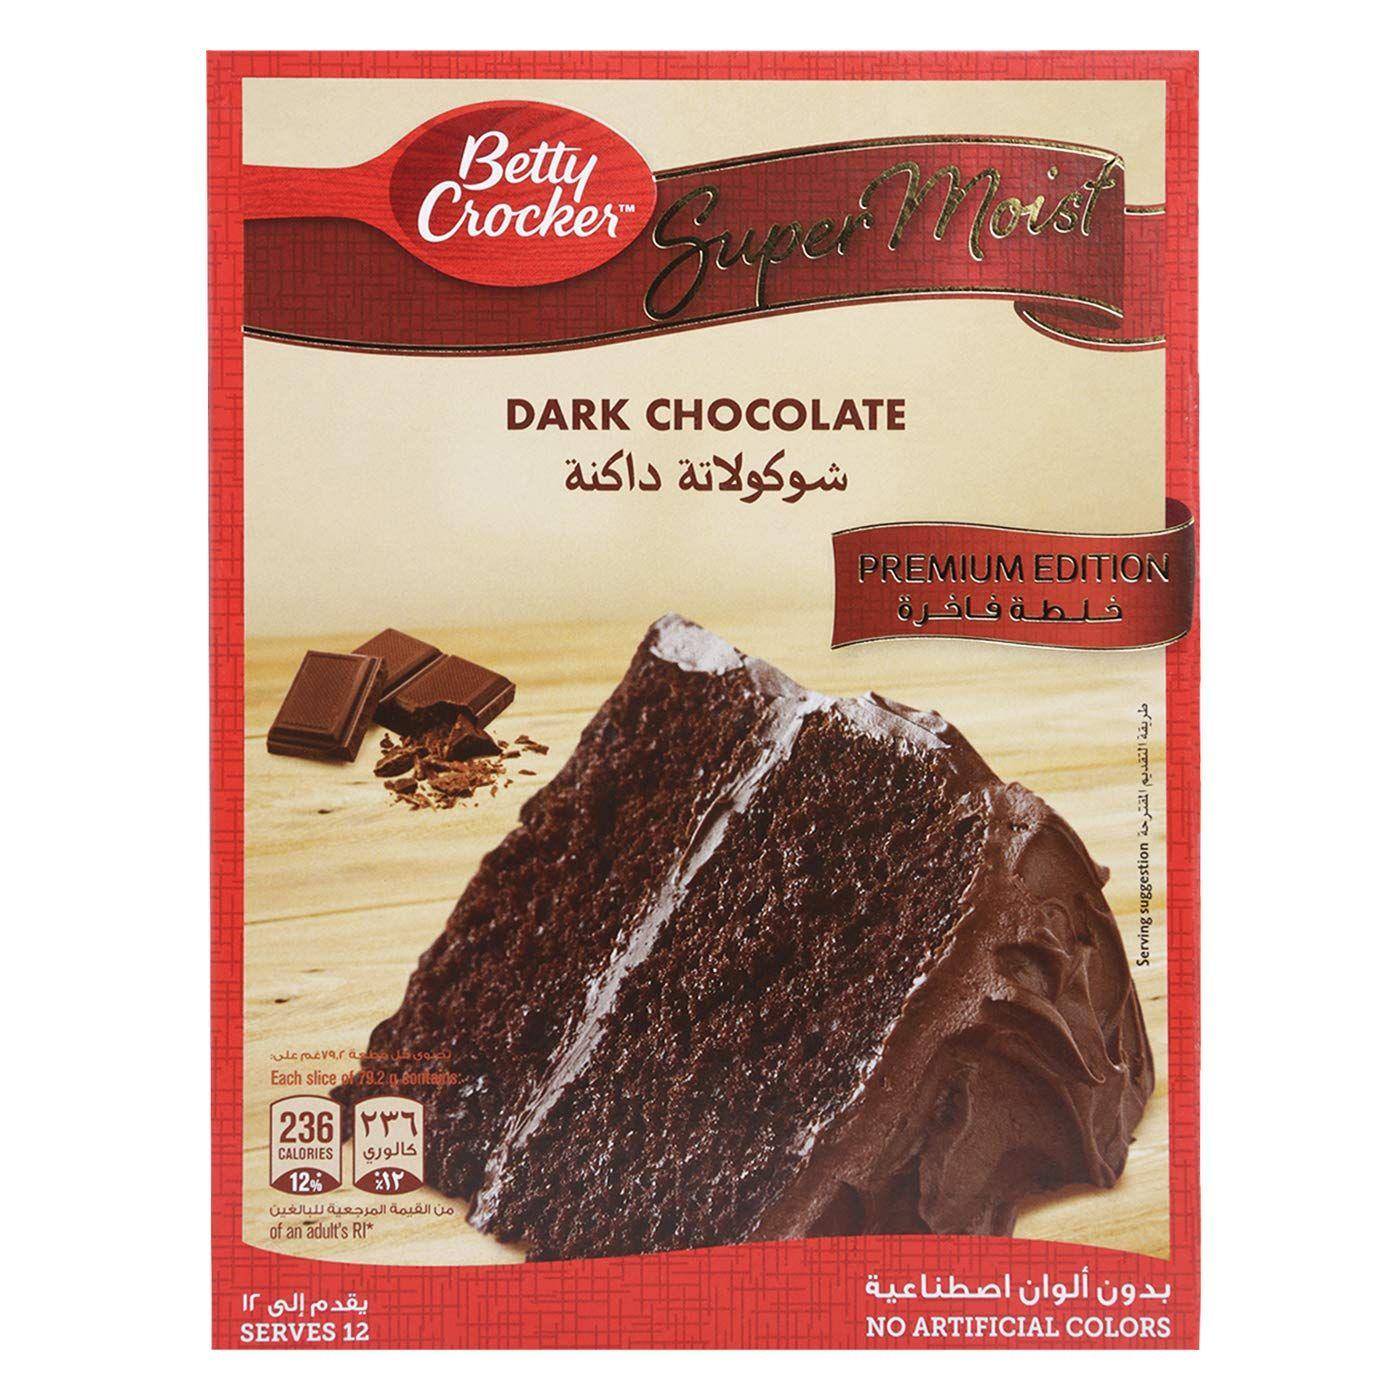 بيتي كروكر الظلام الشوكولاته 510 جم Betty Crocker Dark Chocolate 510 Gm تشحن بواسطة امازون امارات In 2020 Betty Crocker Chocolate Dark Chocolate